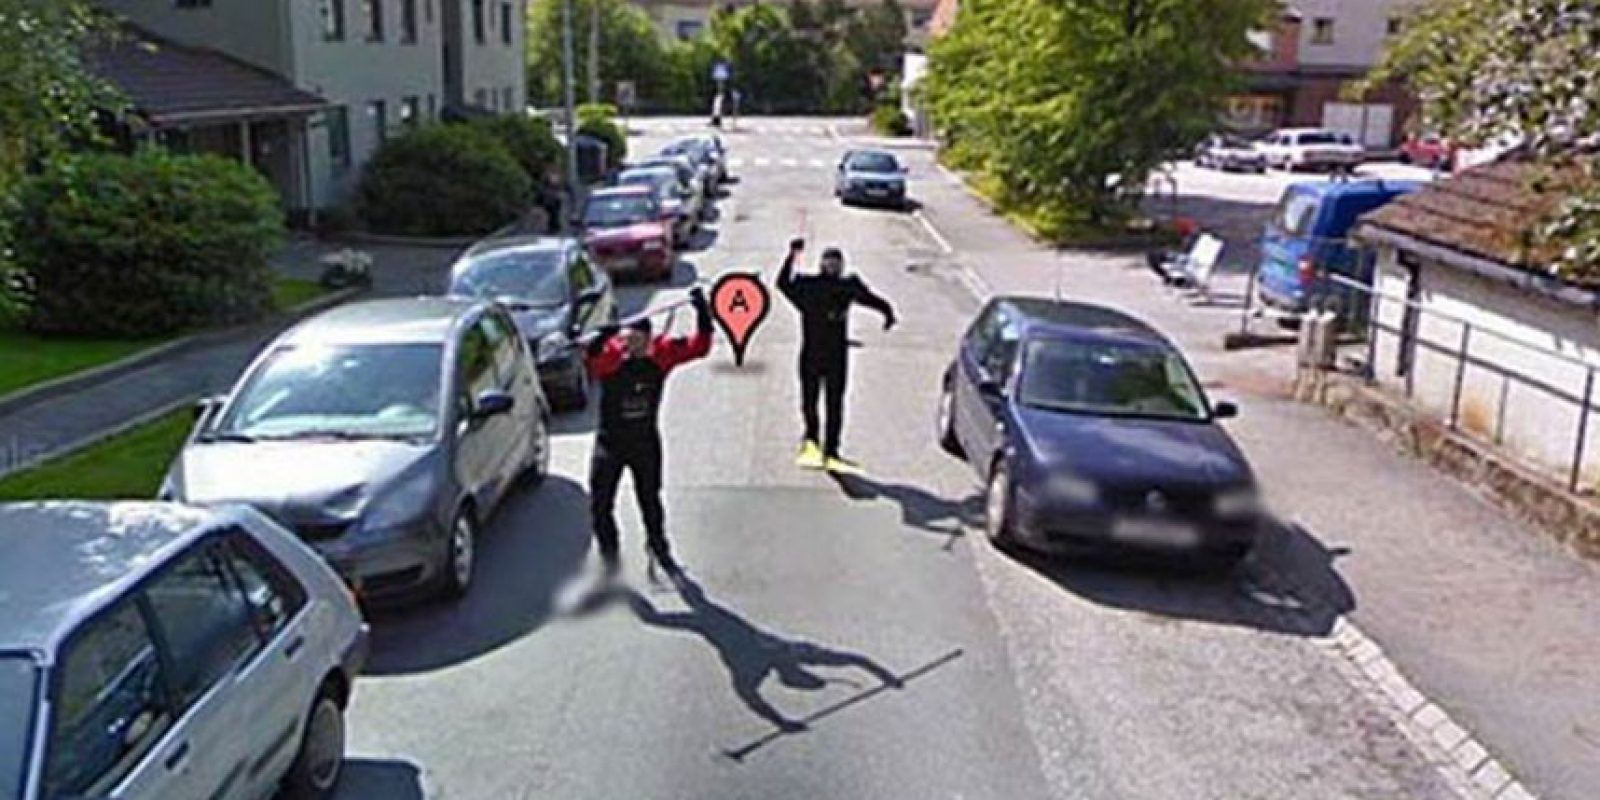 Dos hombres haciendo movimientos extraños. Foto:Google